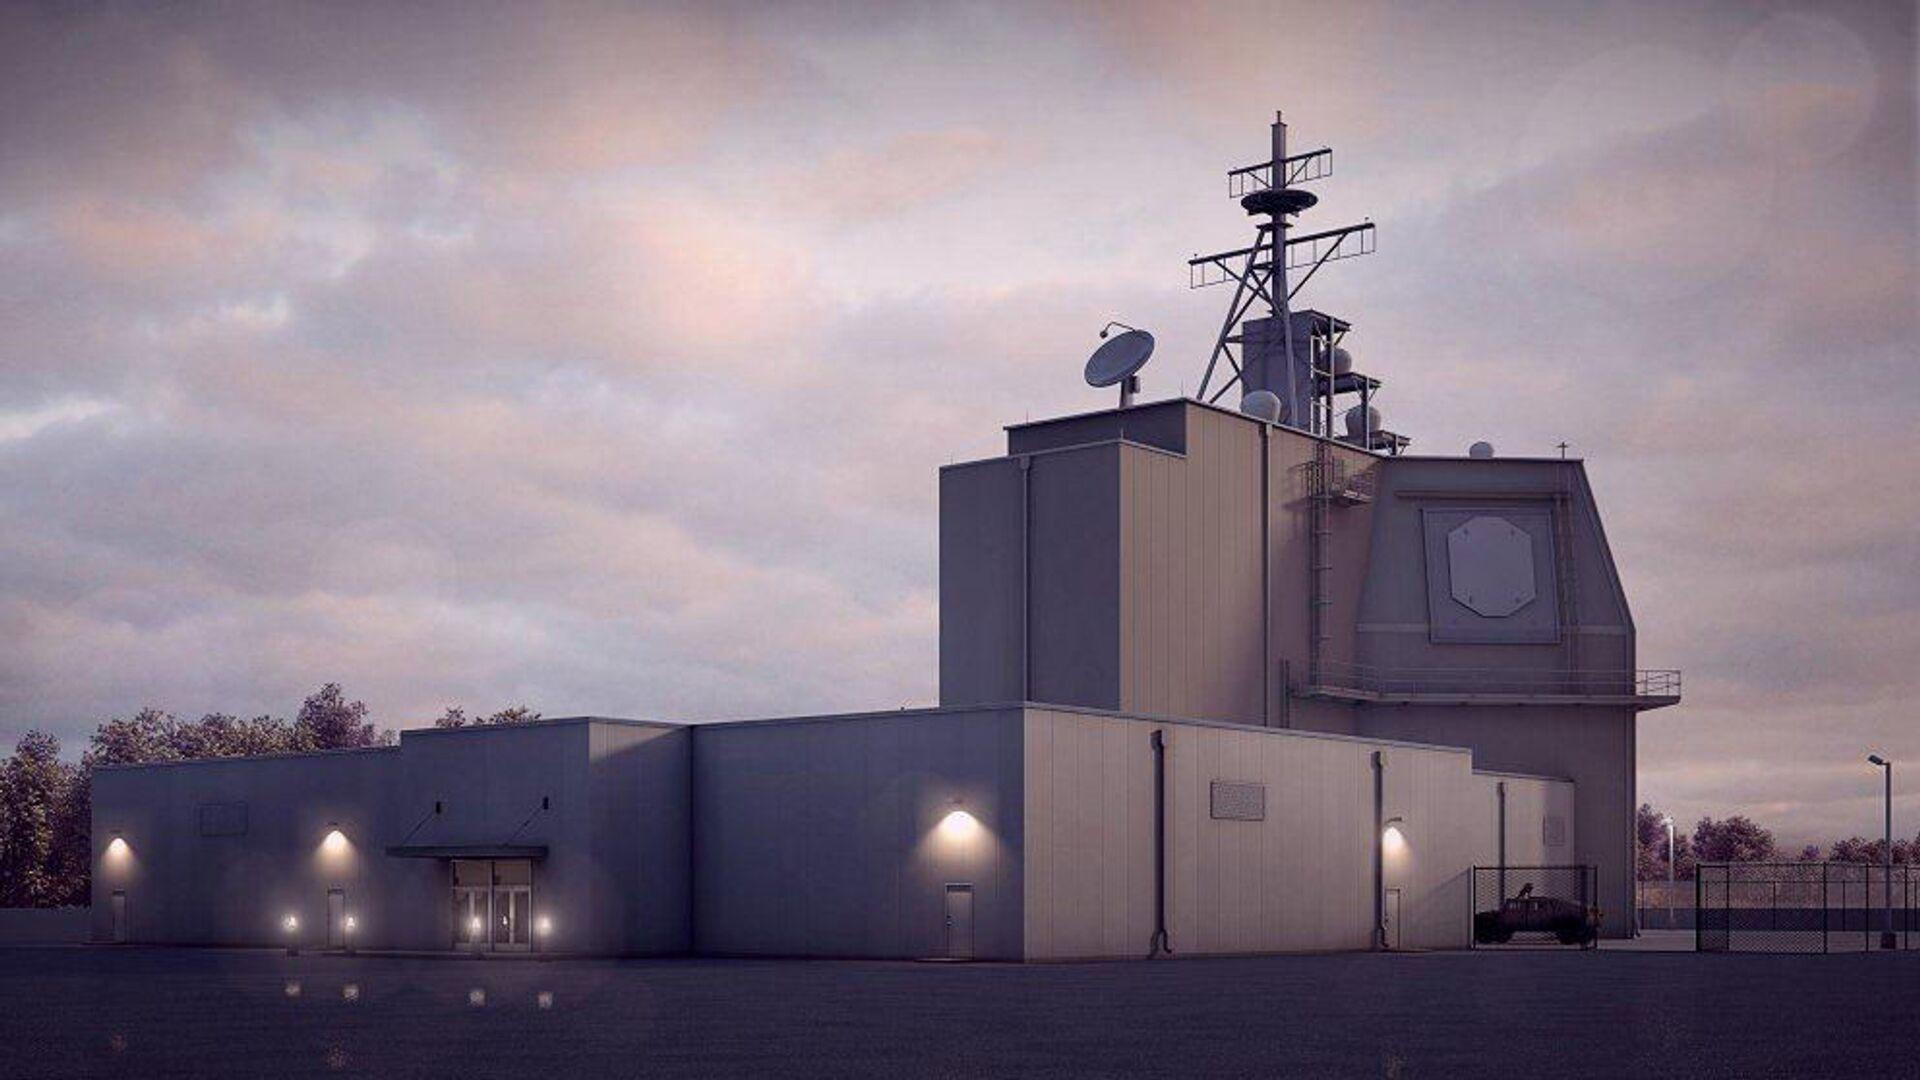 Stazione americana dello scudo antimissile - Sputnik Italia, 1920, 30.05.2021